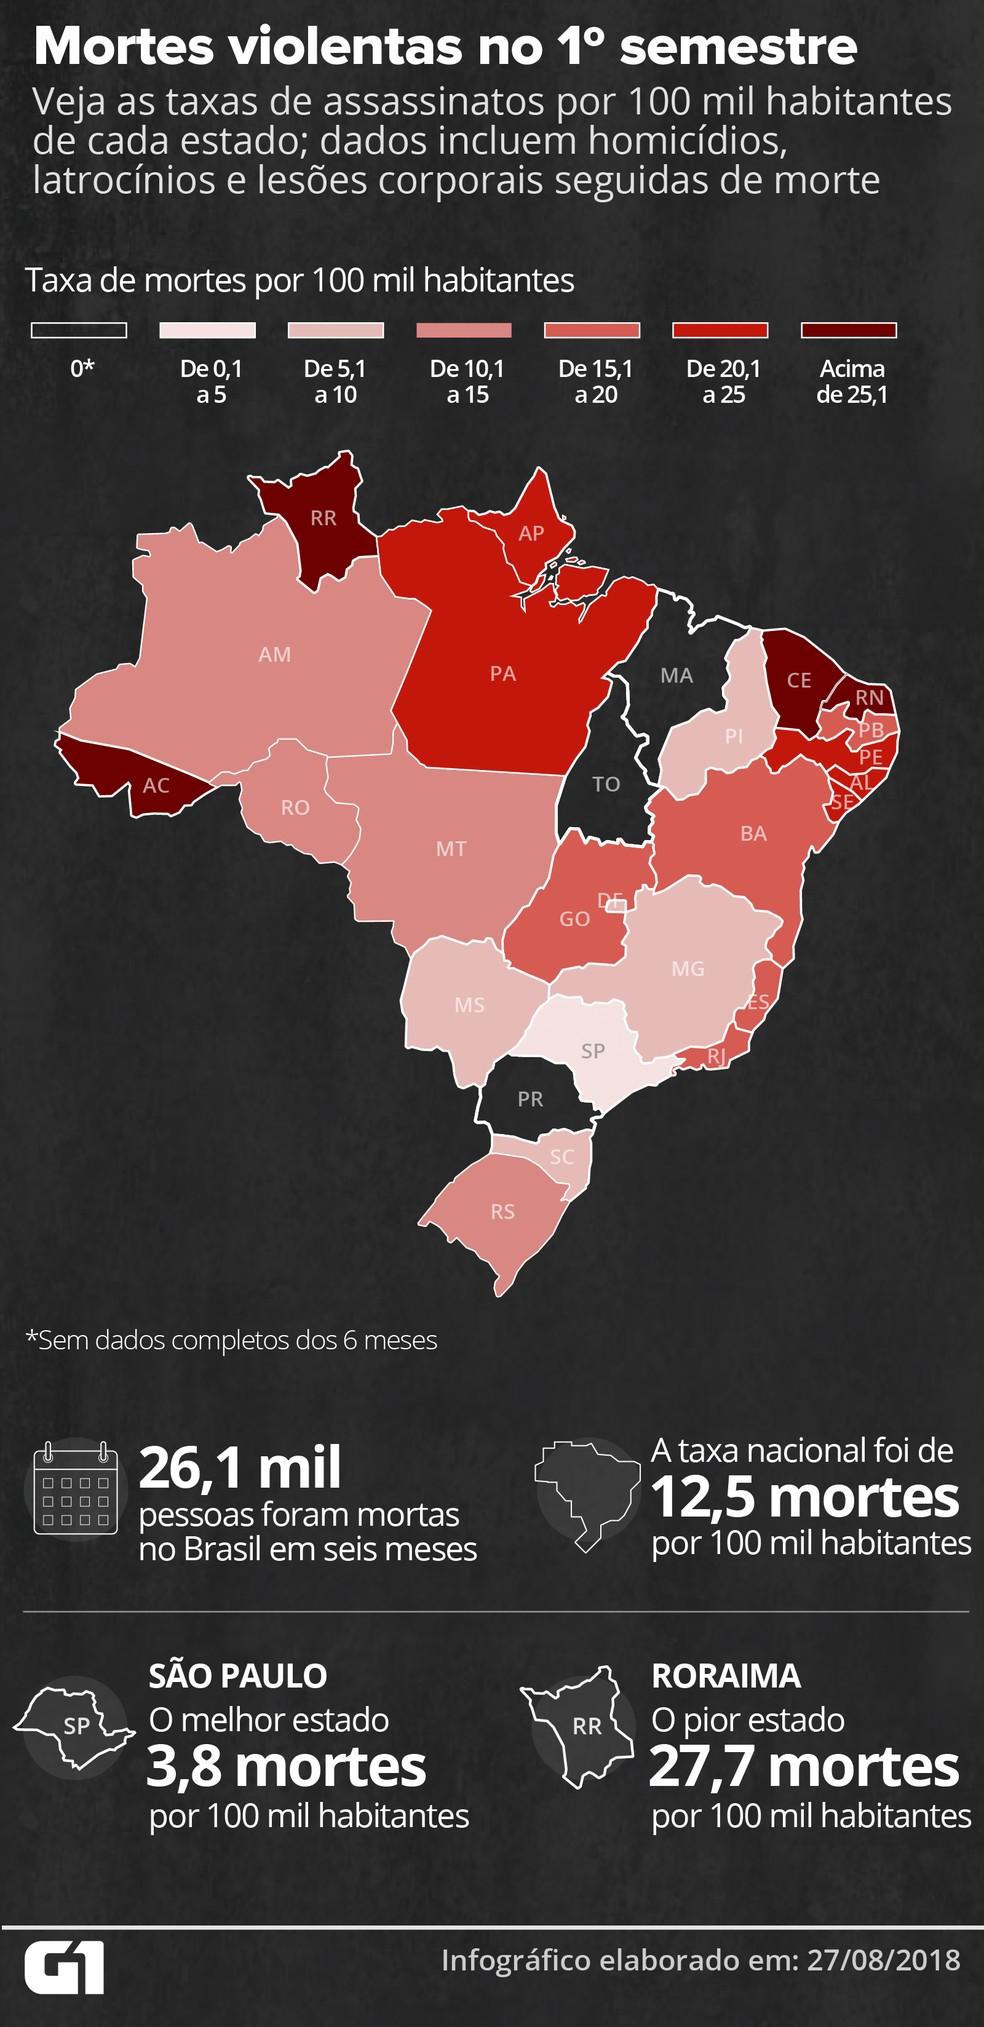 Veja as taxas de assassinatos por 100 mil habitantes de cada estado; dados incluem homicídios, latrocínios e lesões corporais seguidas de morte (Foto: Igor Estrella/Arte)